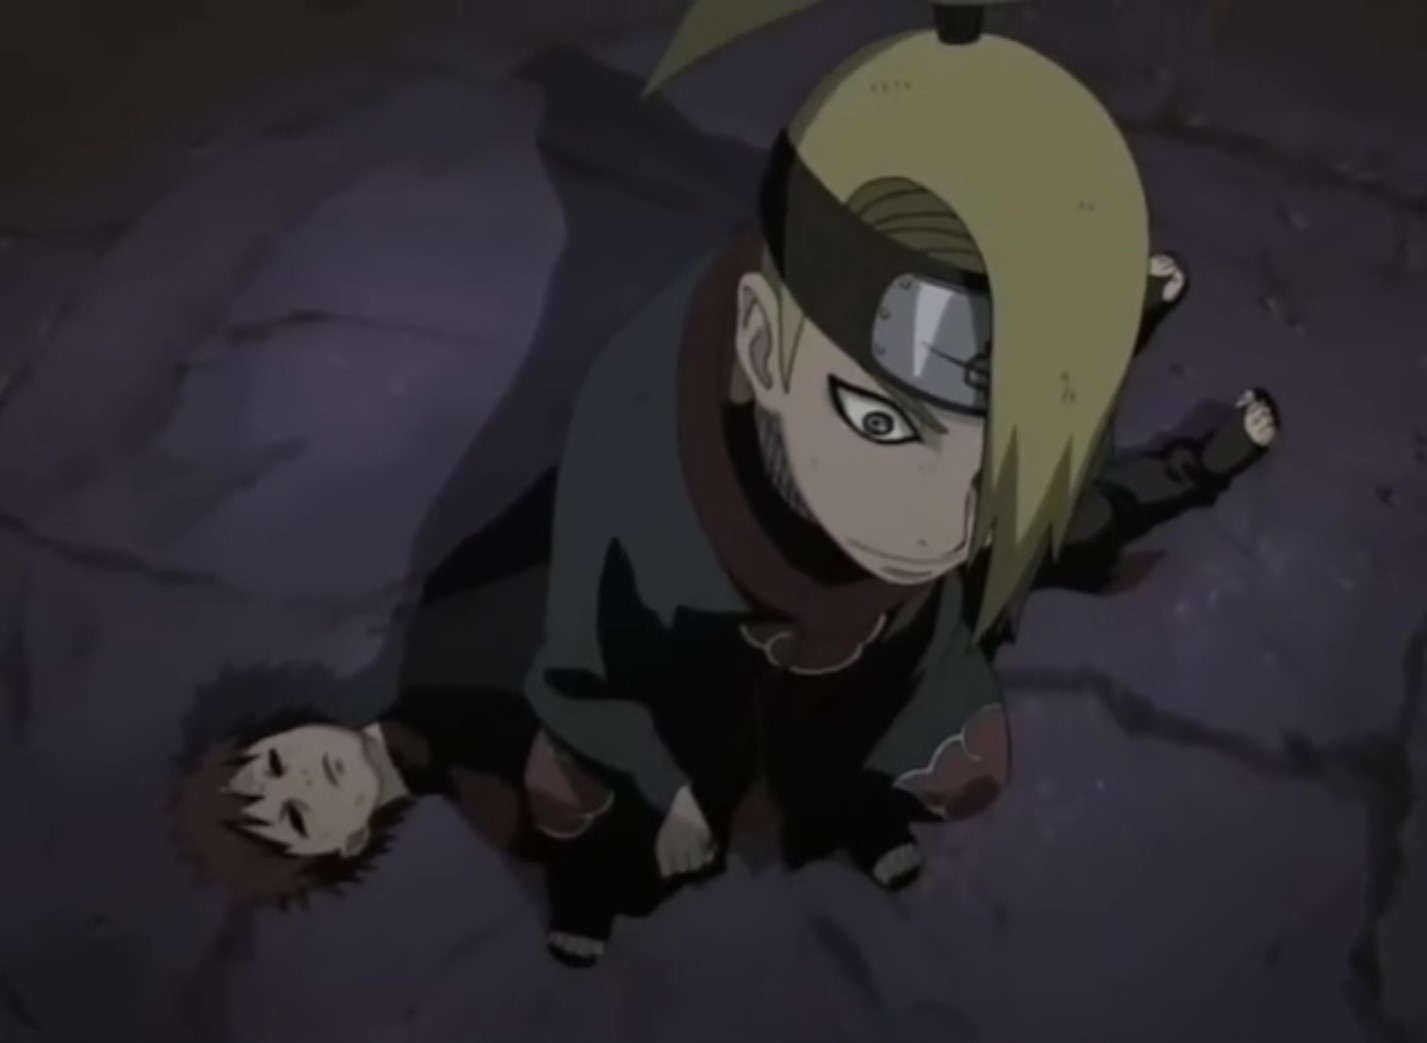 Naruto Shippuden Episódio 19, Assistir Naruto Shippuden Episódio 19, Assistir Naruto Shippuden Todos os Episódios Legendado, Naruto Shippuden episódio 19,HD